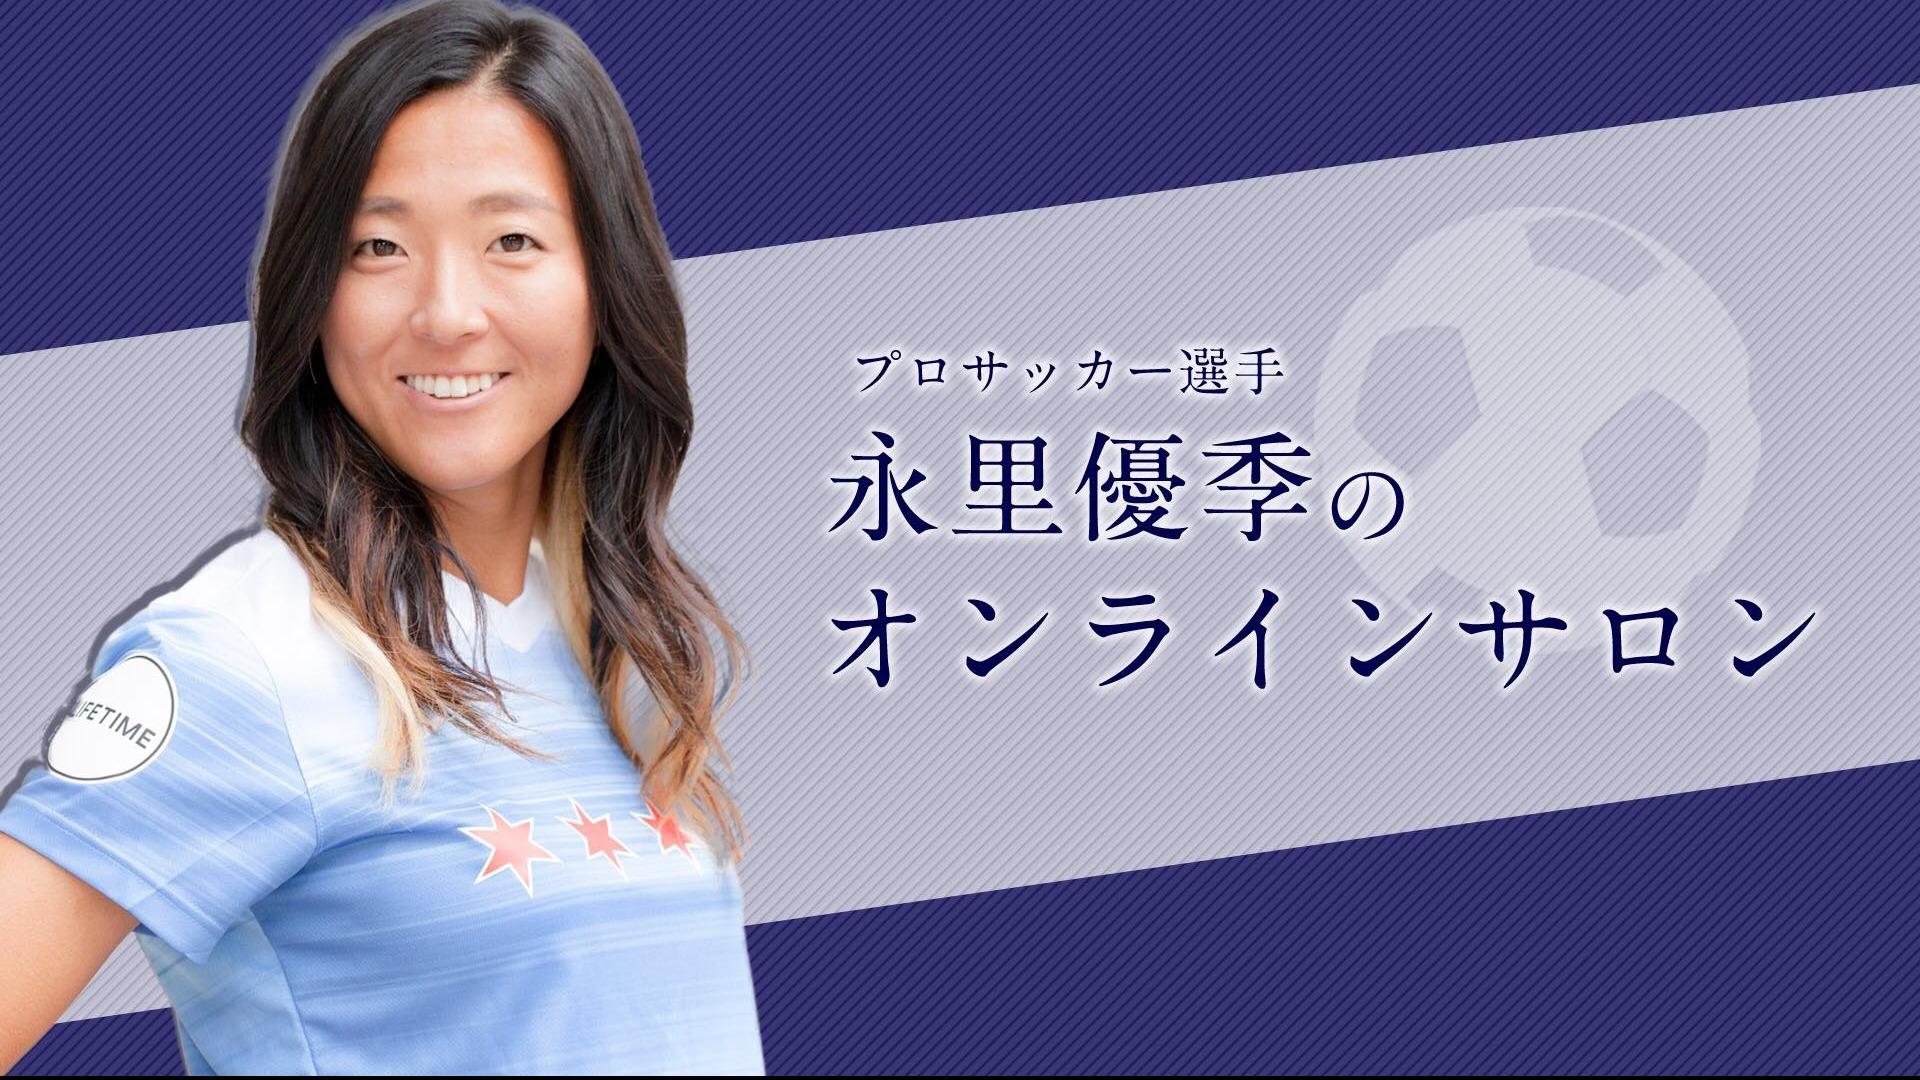 永里優季/Yuki NAGASATO